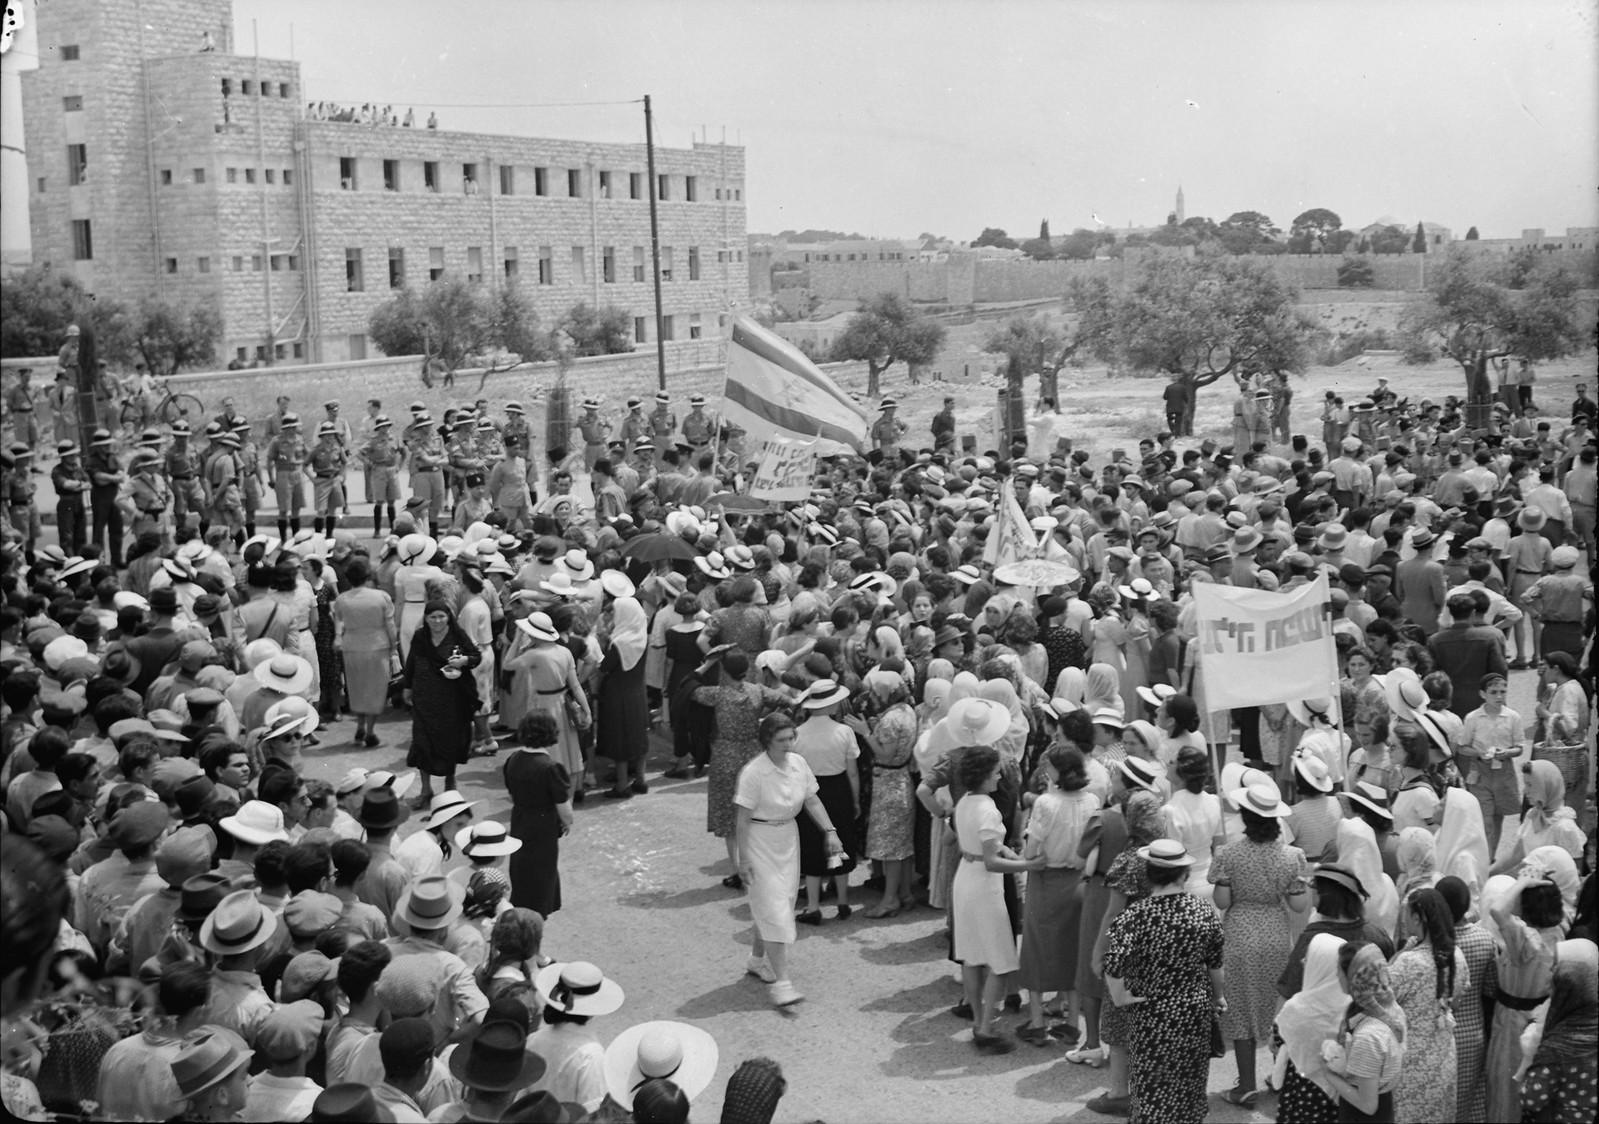 13. Демонстрация, приближающаяся к отелю King David, остановлена кордоном полиции